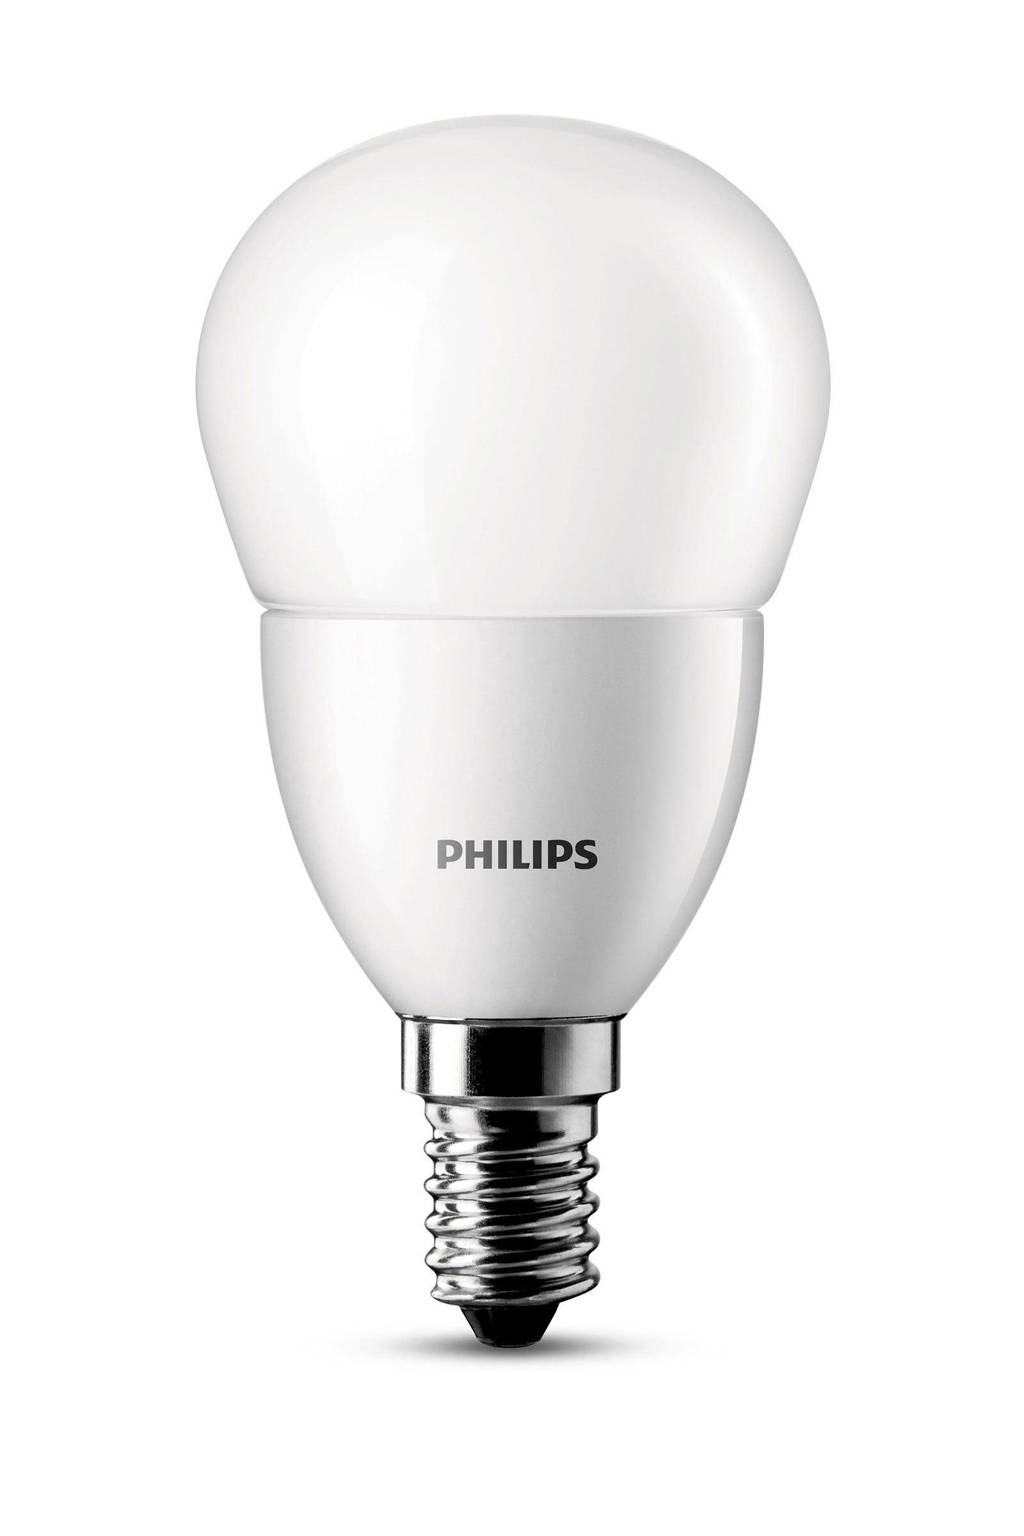 Philips LED lamp (40W E14)